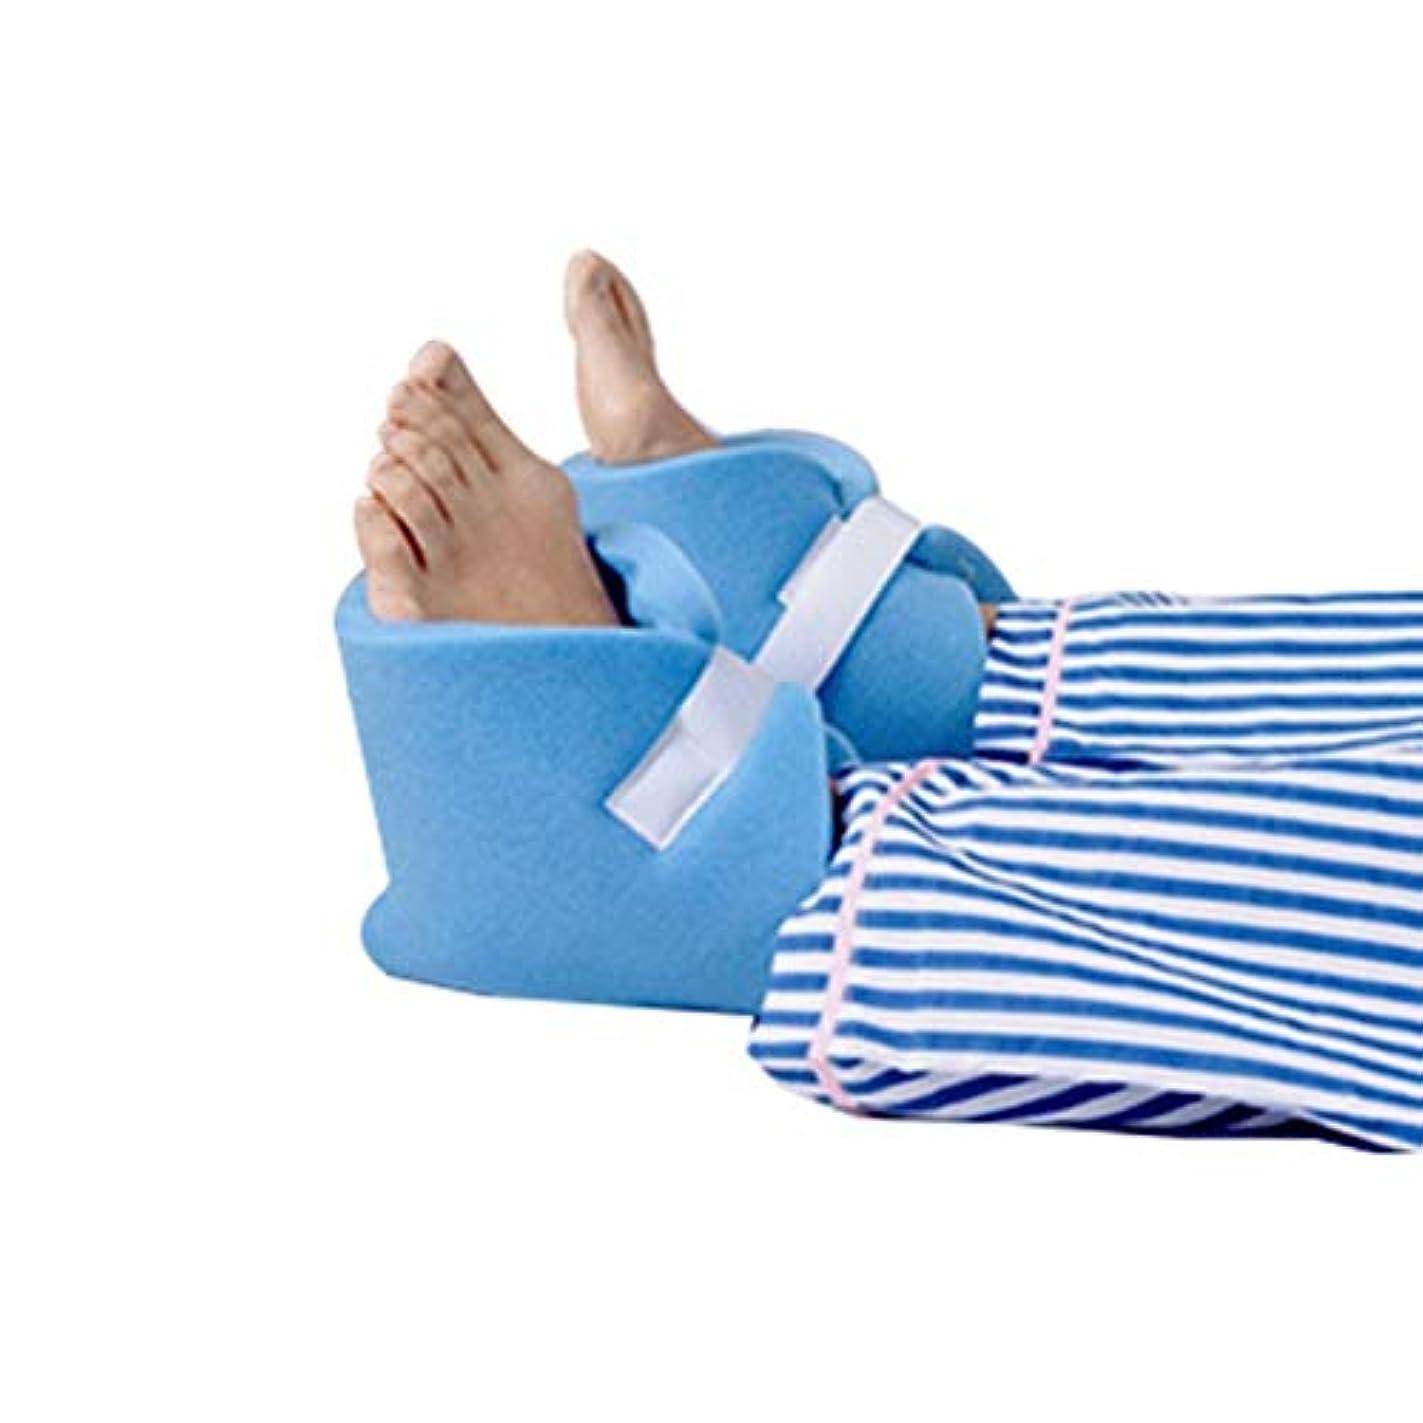 マザーランド札入れ一方、フォームヒールクッション、Pressure瘡予防のための足首プロテクター、デラックスワンペア(ブルー)